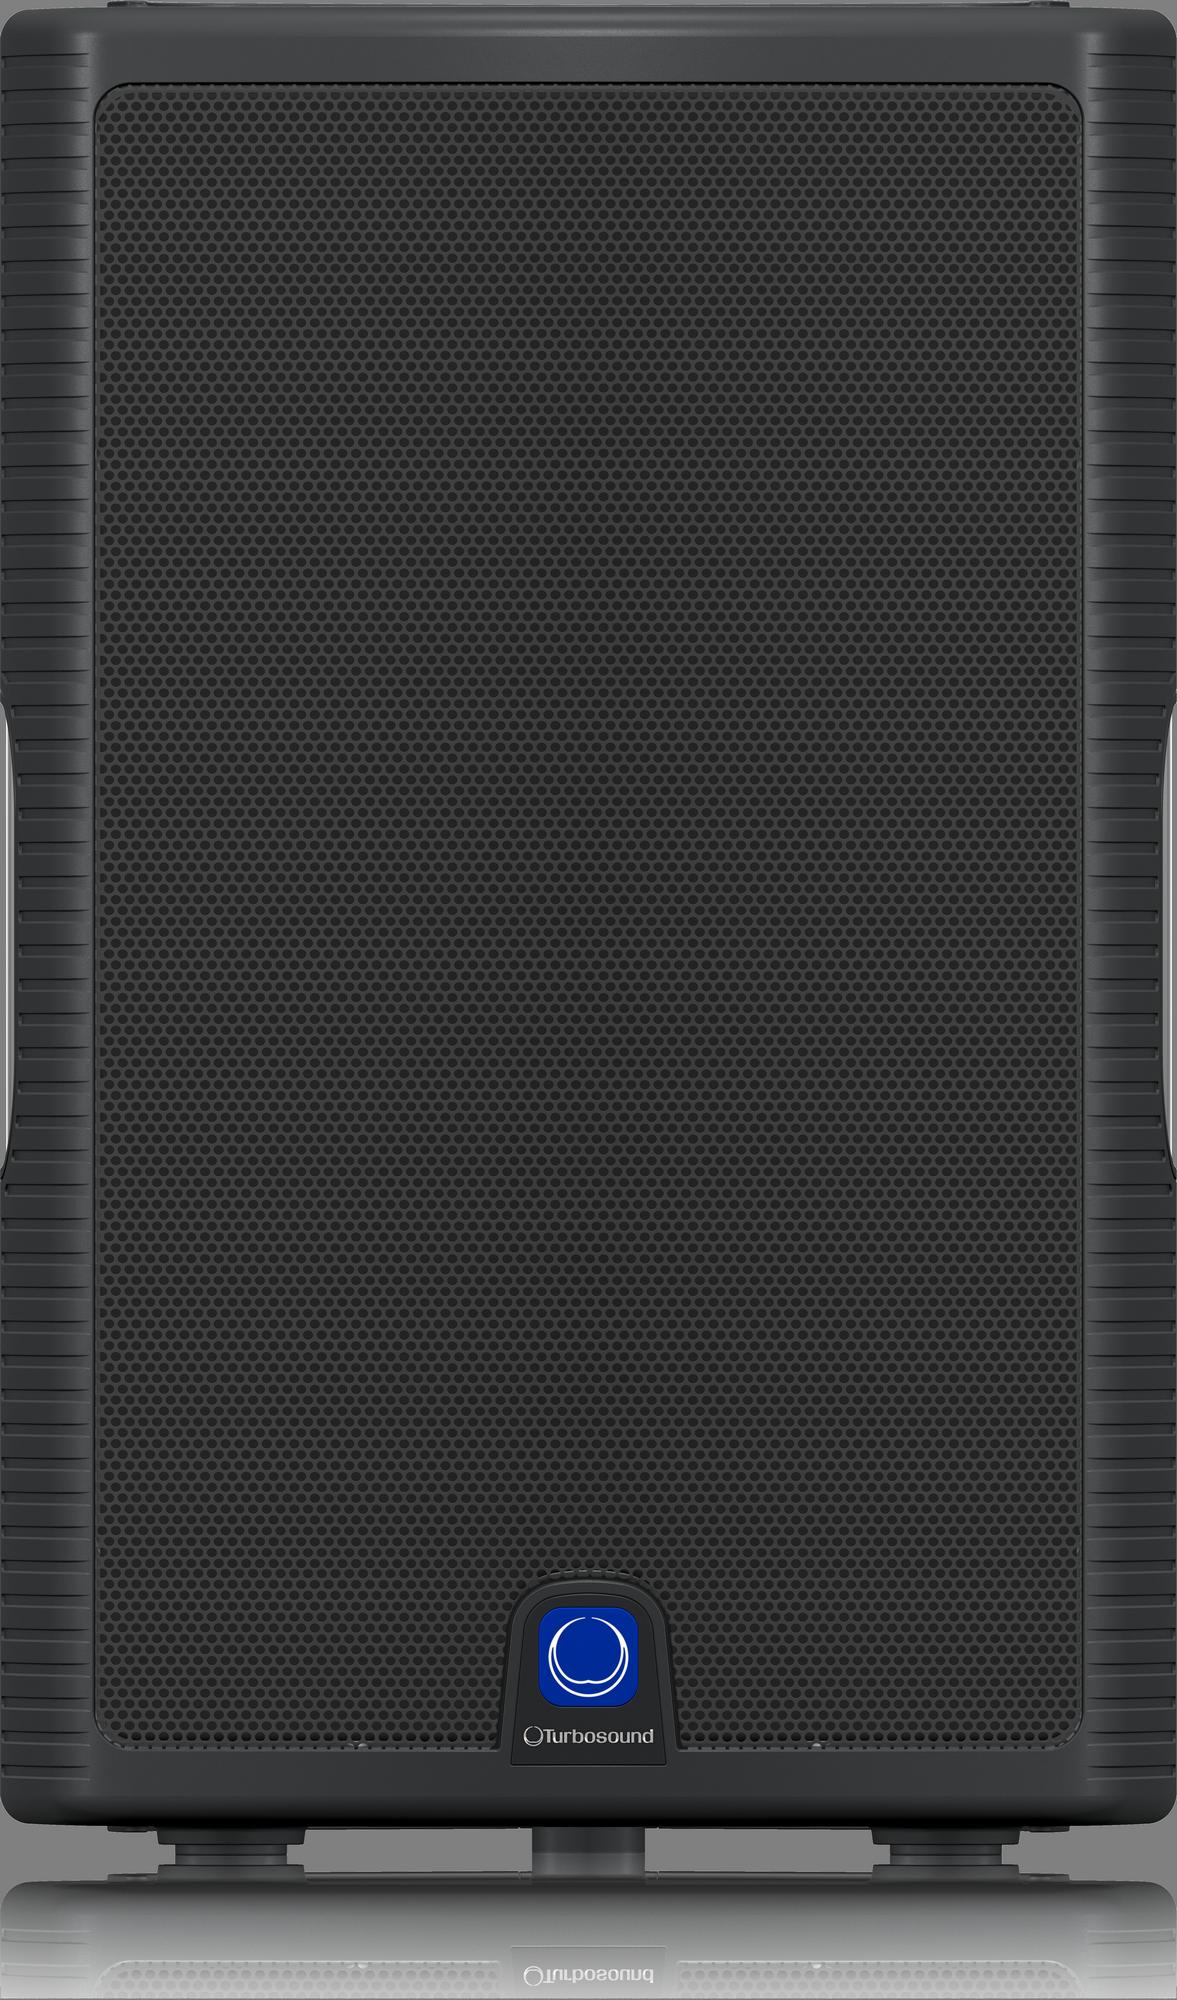 Turbosound  Milan M12 - Powered Loudspeaker